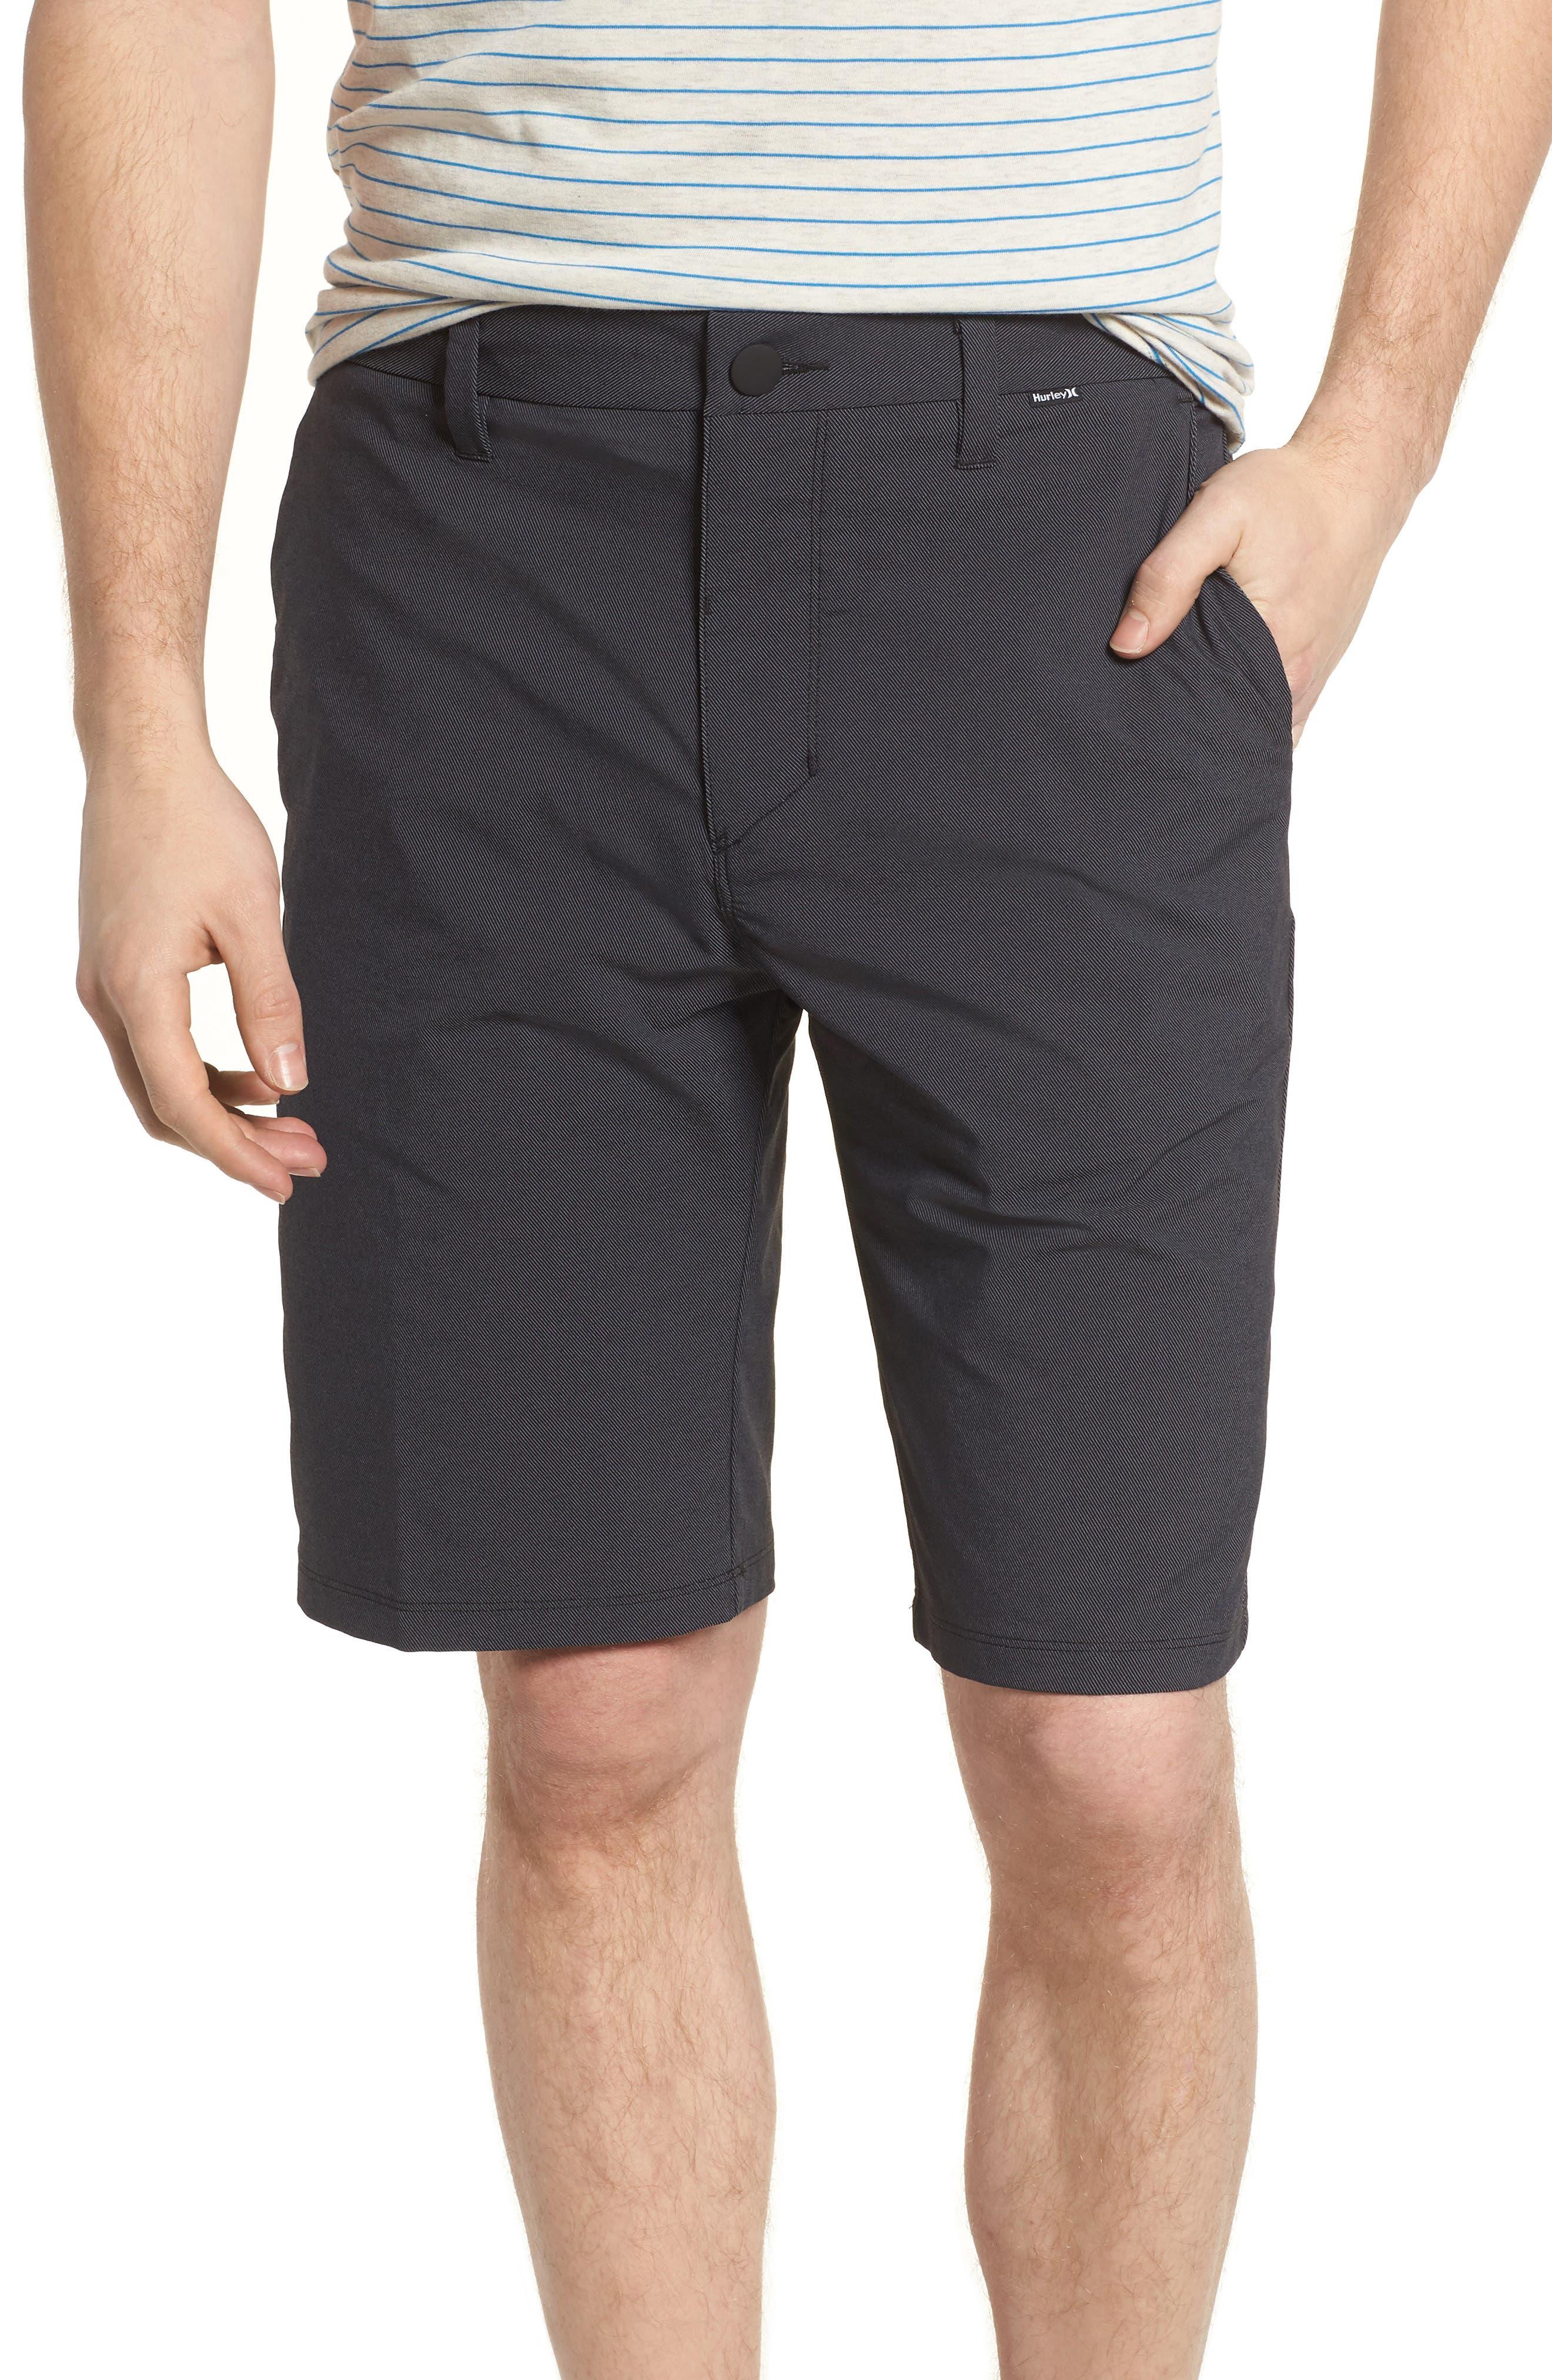 a2055e46 Men's Shorts | Nordstrom